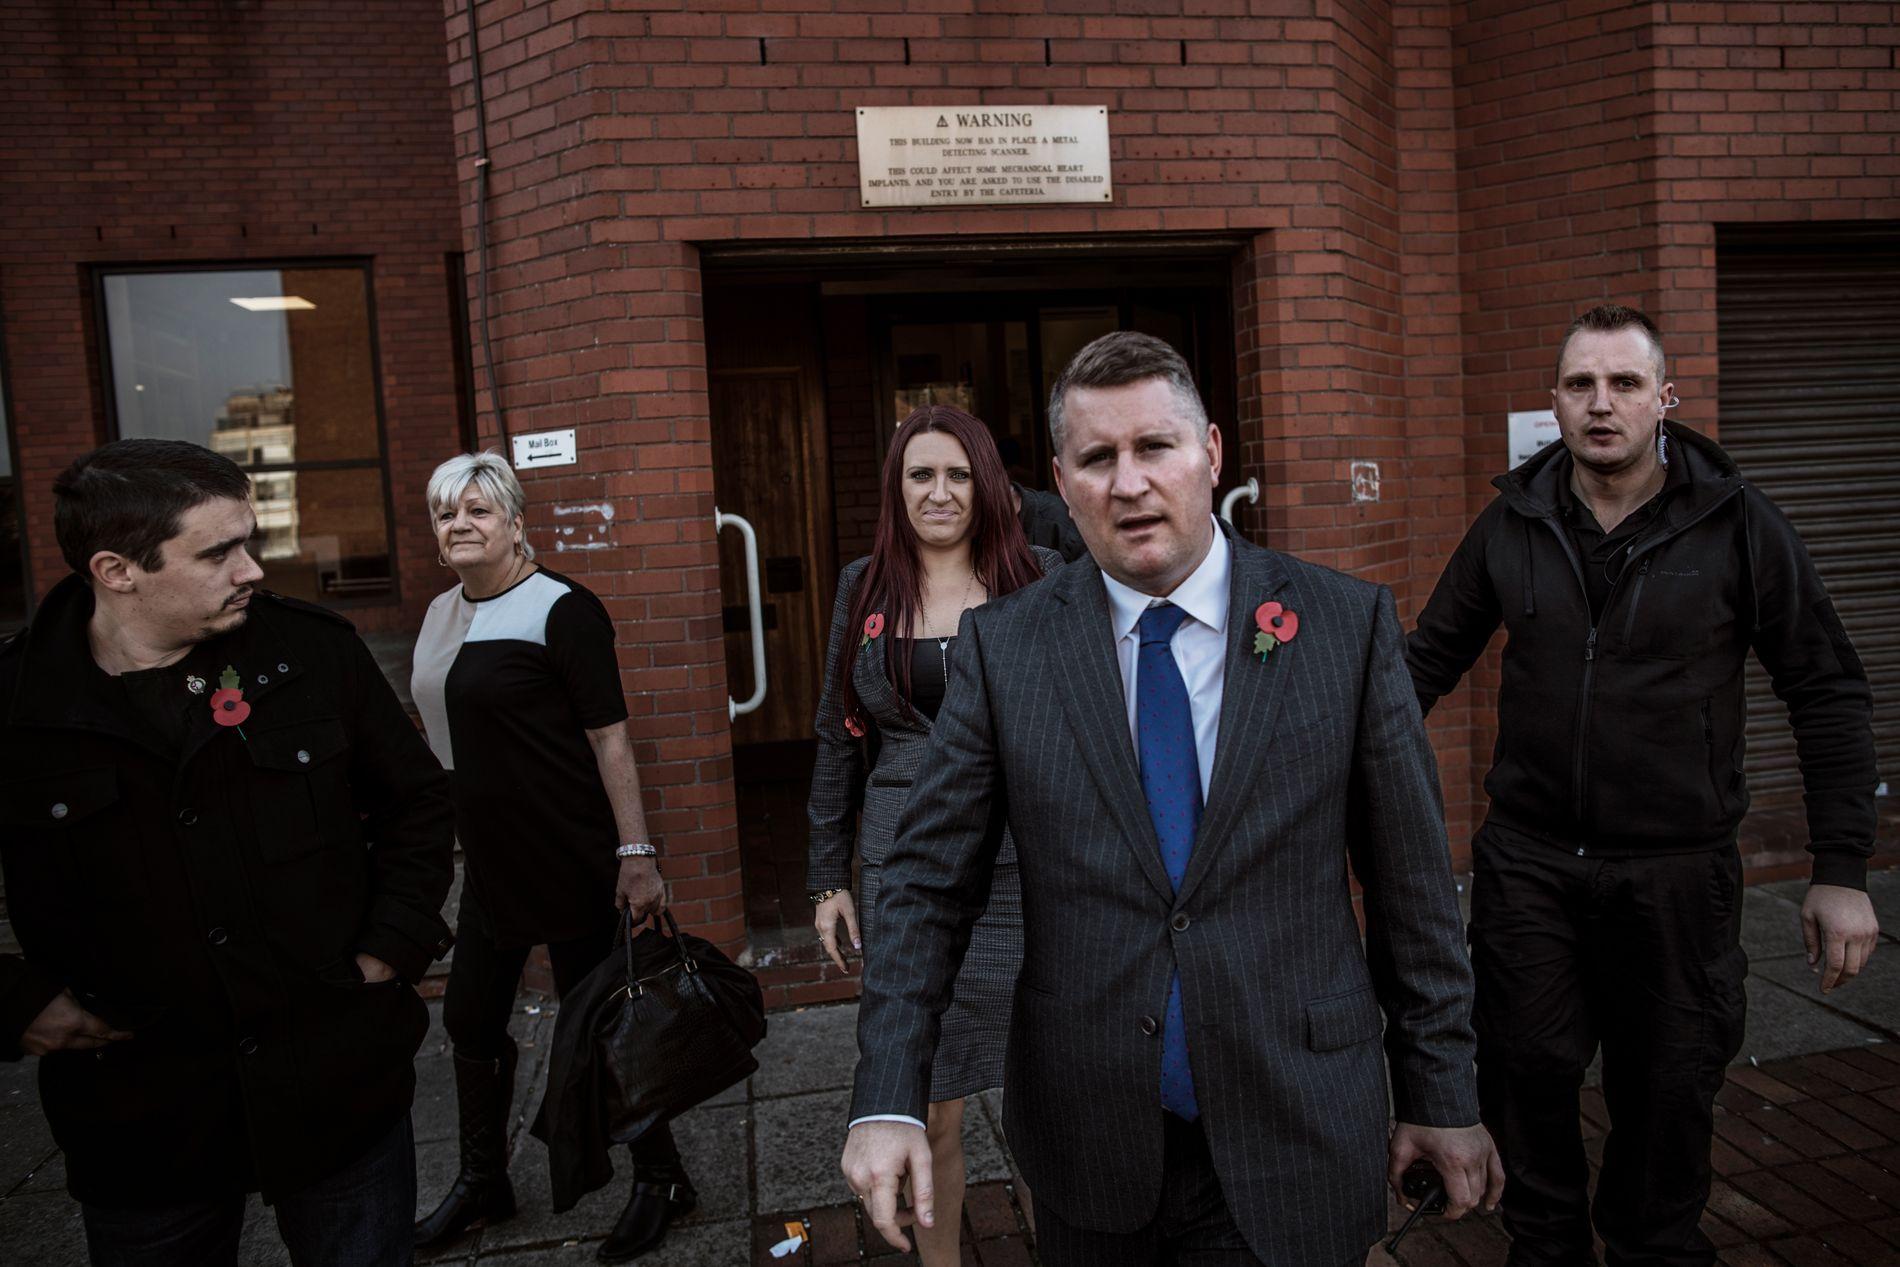 OMSTRIDT: Lederen av Britain First, Jayda Fransen, kommer ut av rettssalen i Luton, der hun har blitt anklaget for rasisme og for å provosere muslimer. Til høyre for henne den tidligere lederen Paul Golding.